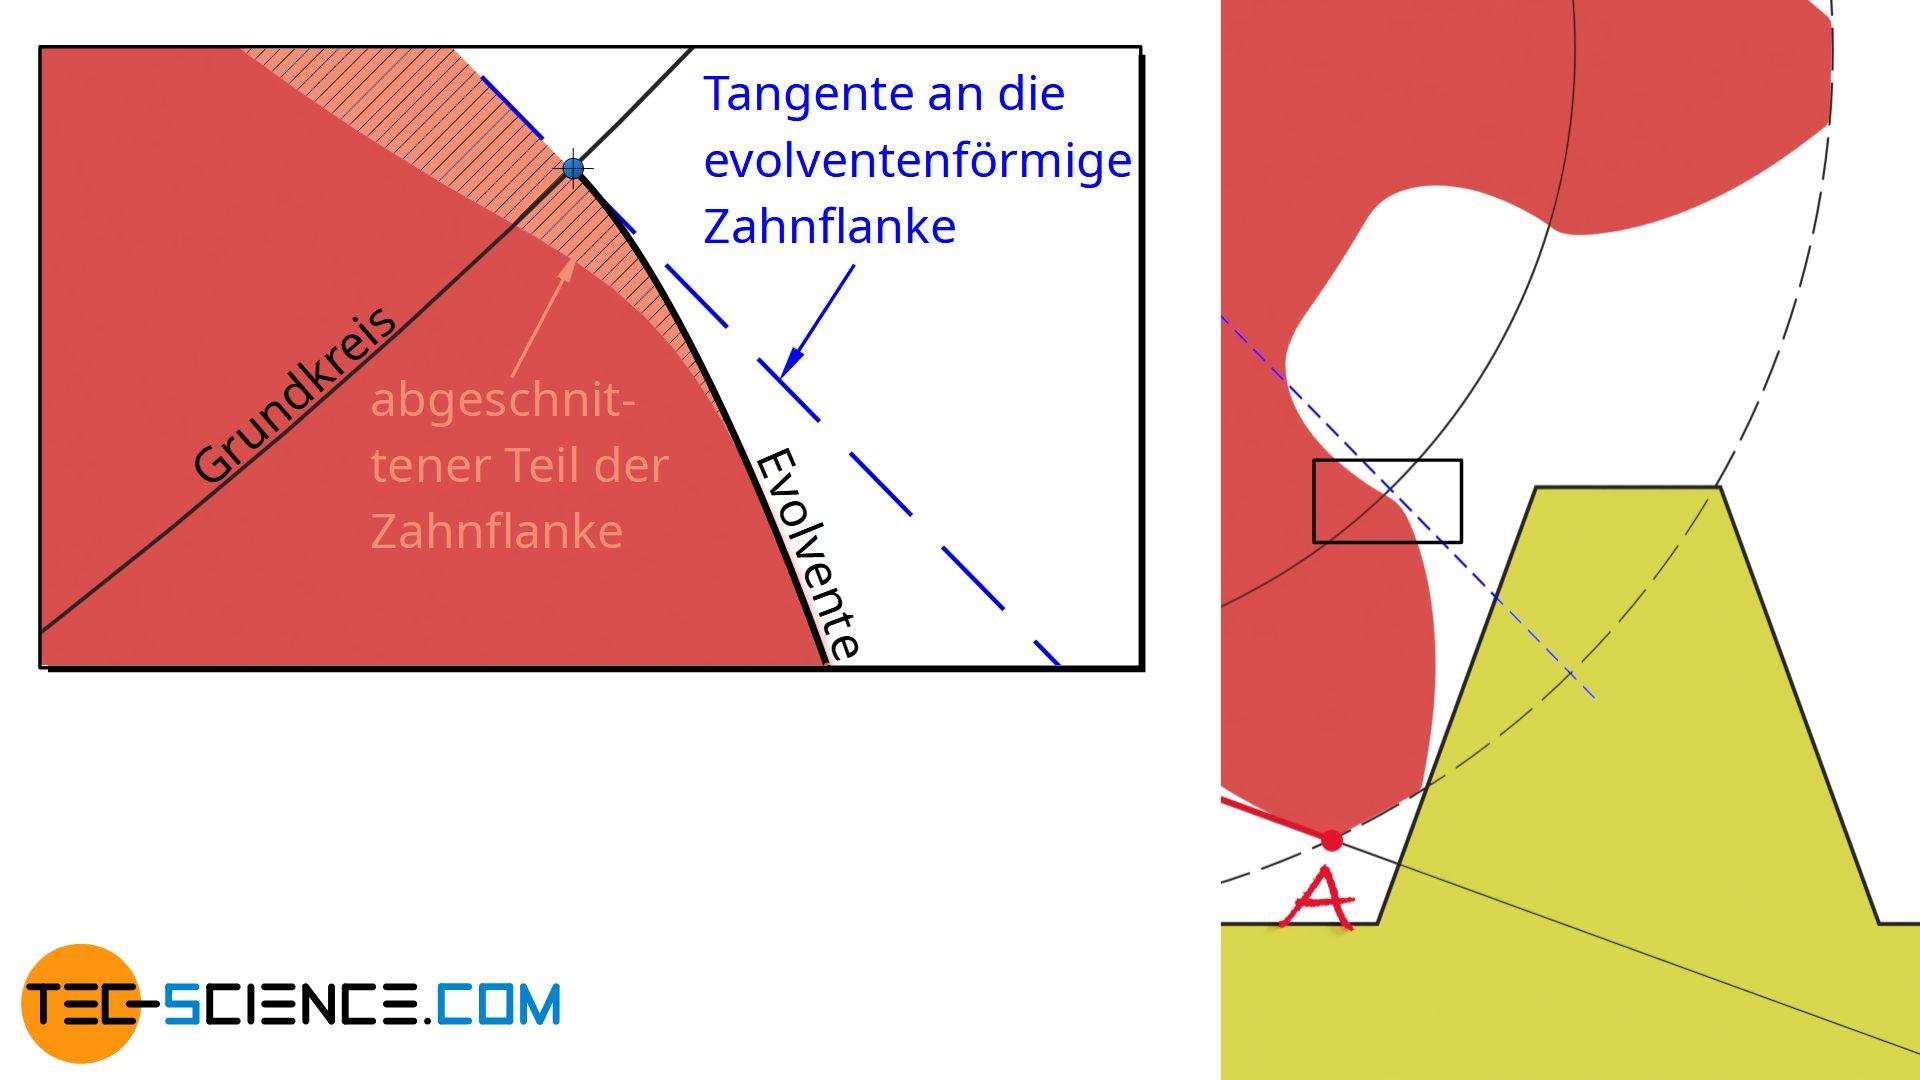 Abschneiden eines Teils der Zahnflanke durch den Unterschnitt